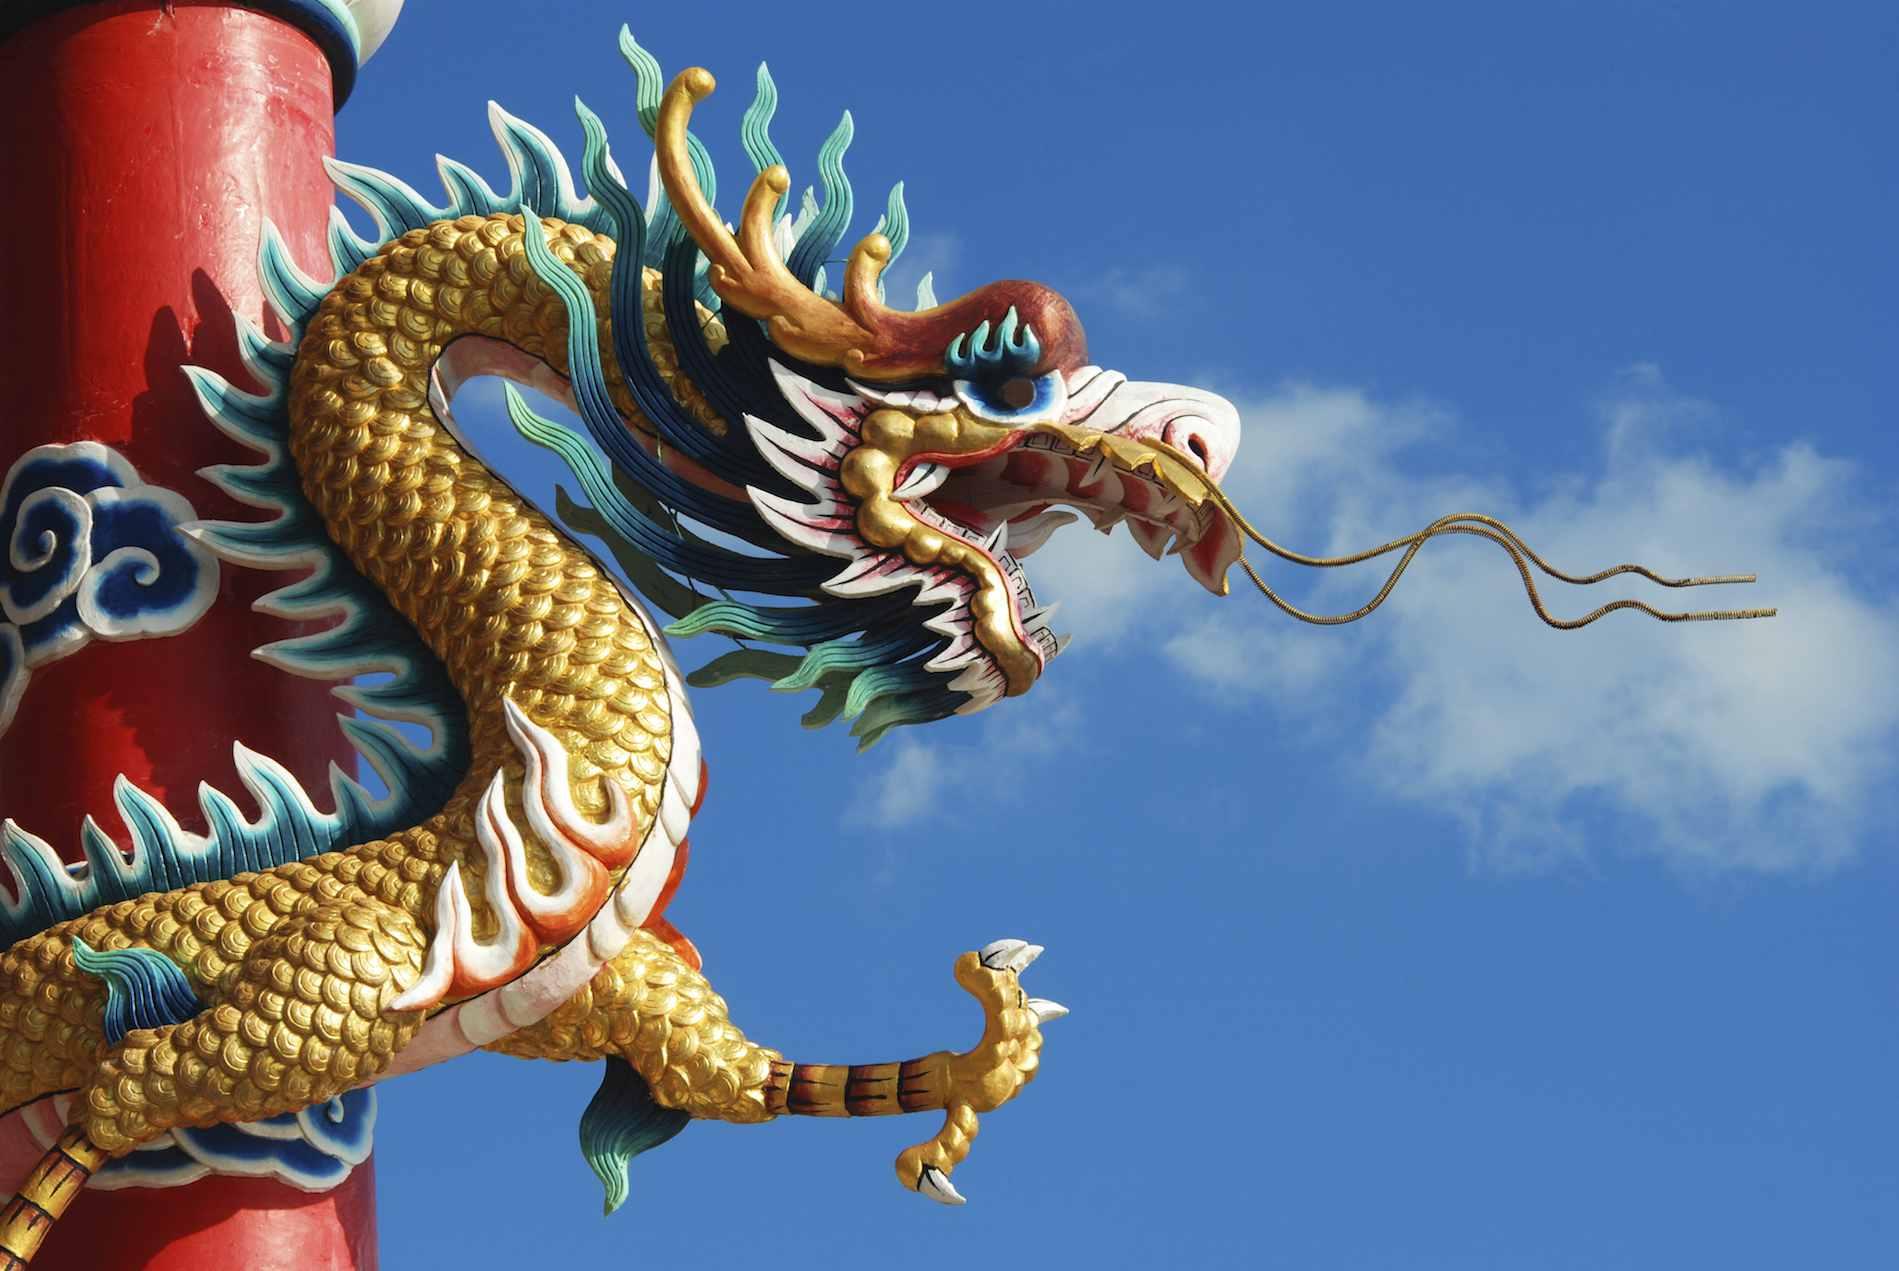 A dragon feng shui cure on a pole